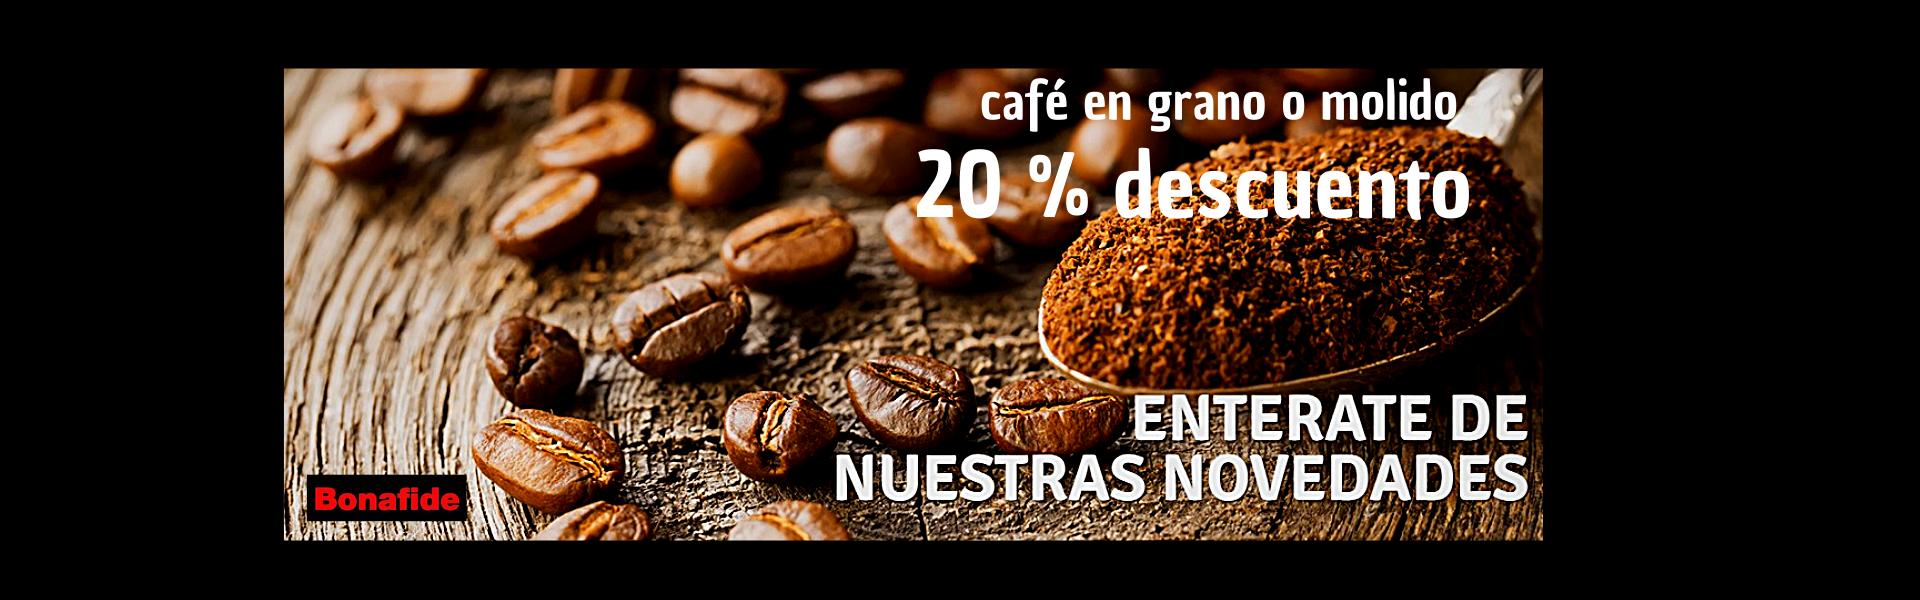 20 por ciento cafe